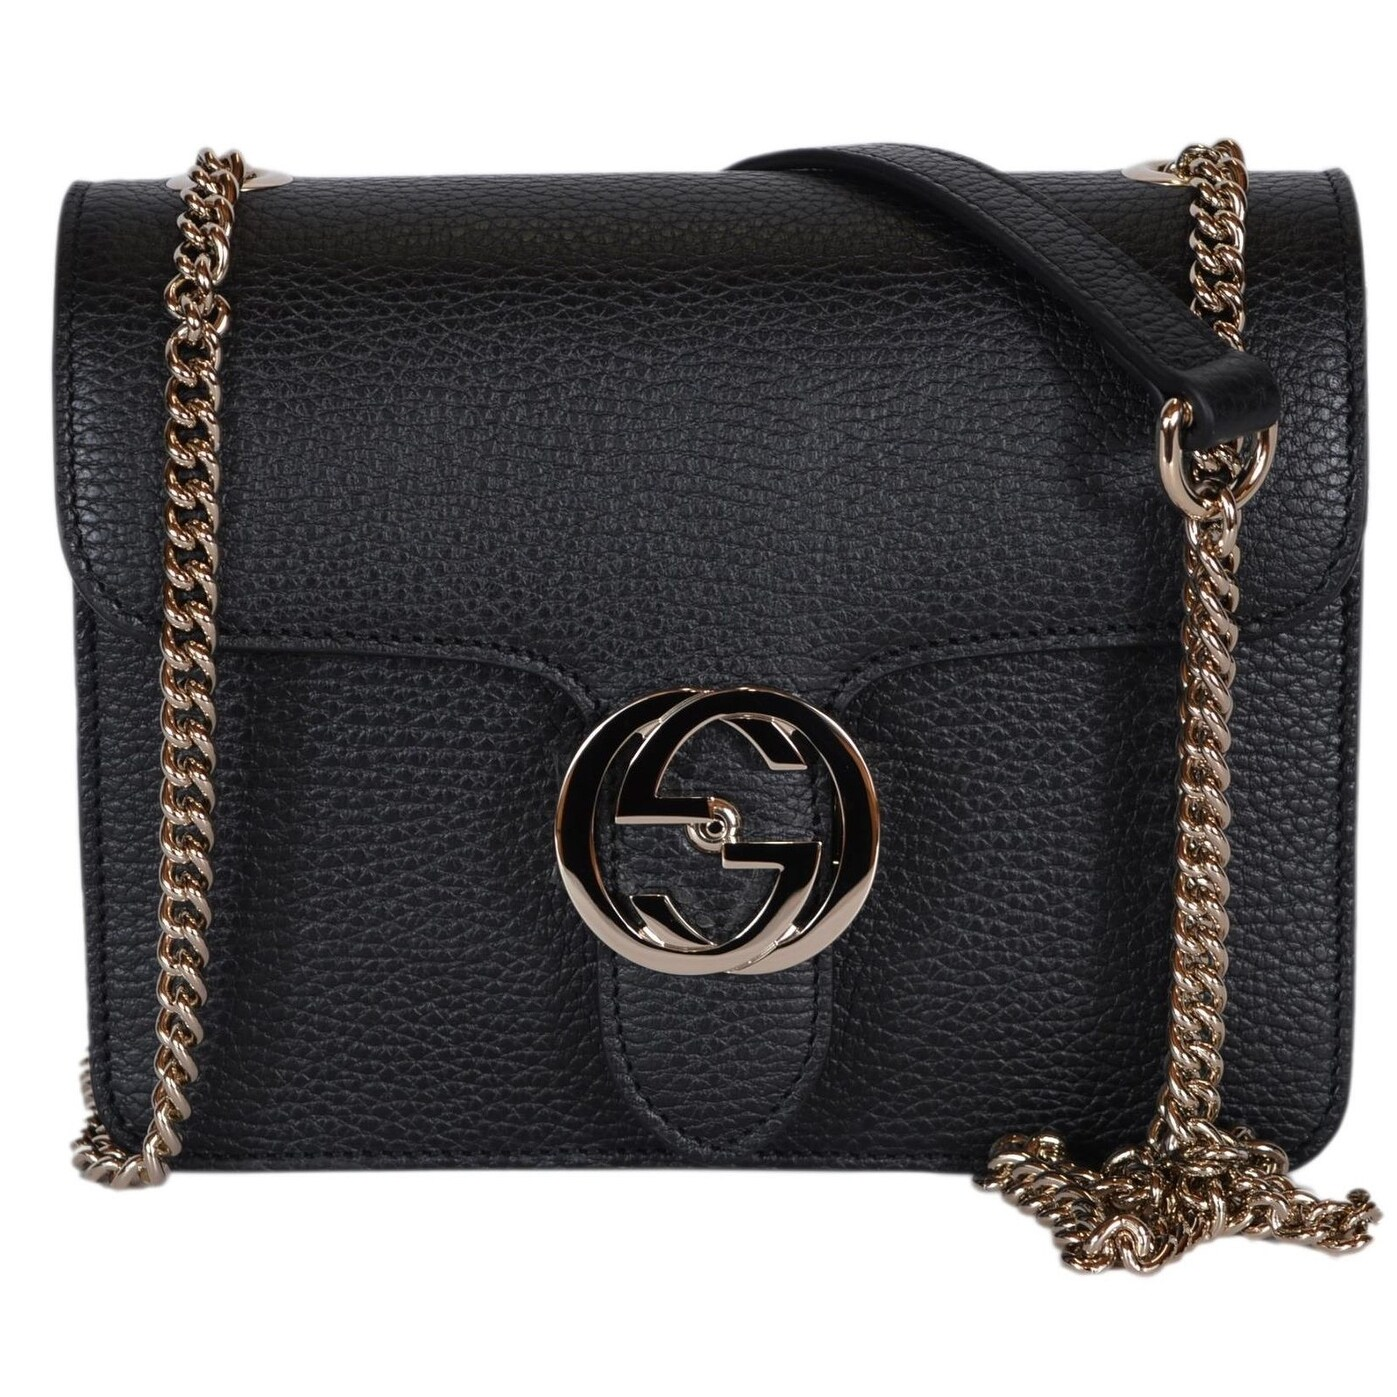 de6a61eafc Amazon.com: black+gucci+handbag. gucci canvas laptop shoulder strap ...